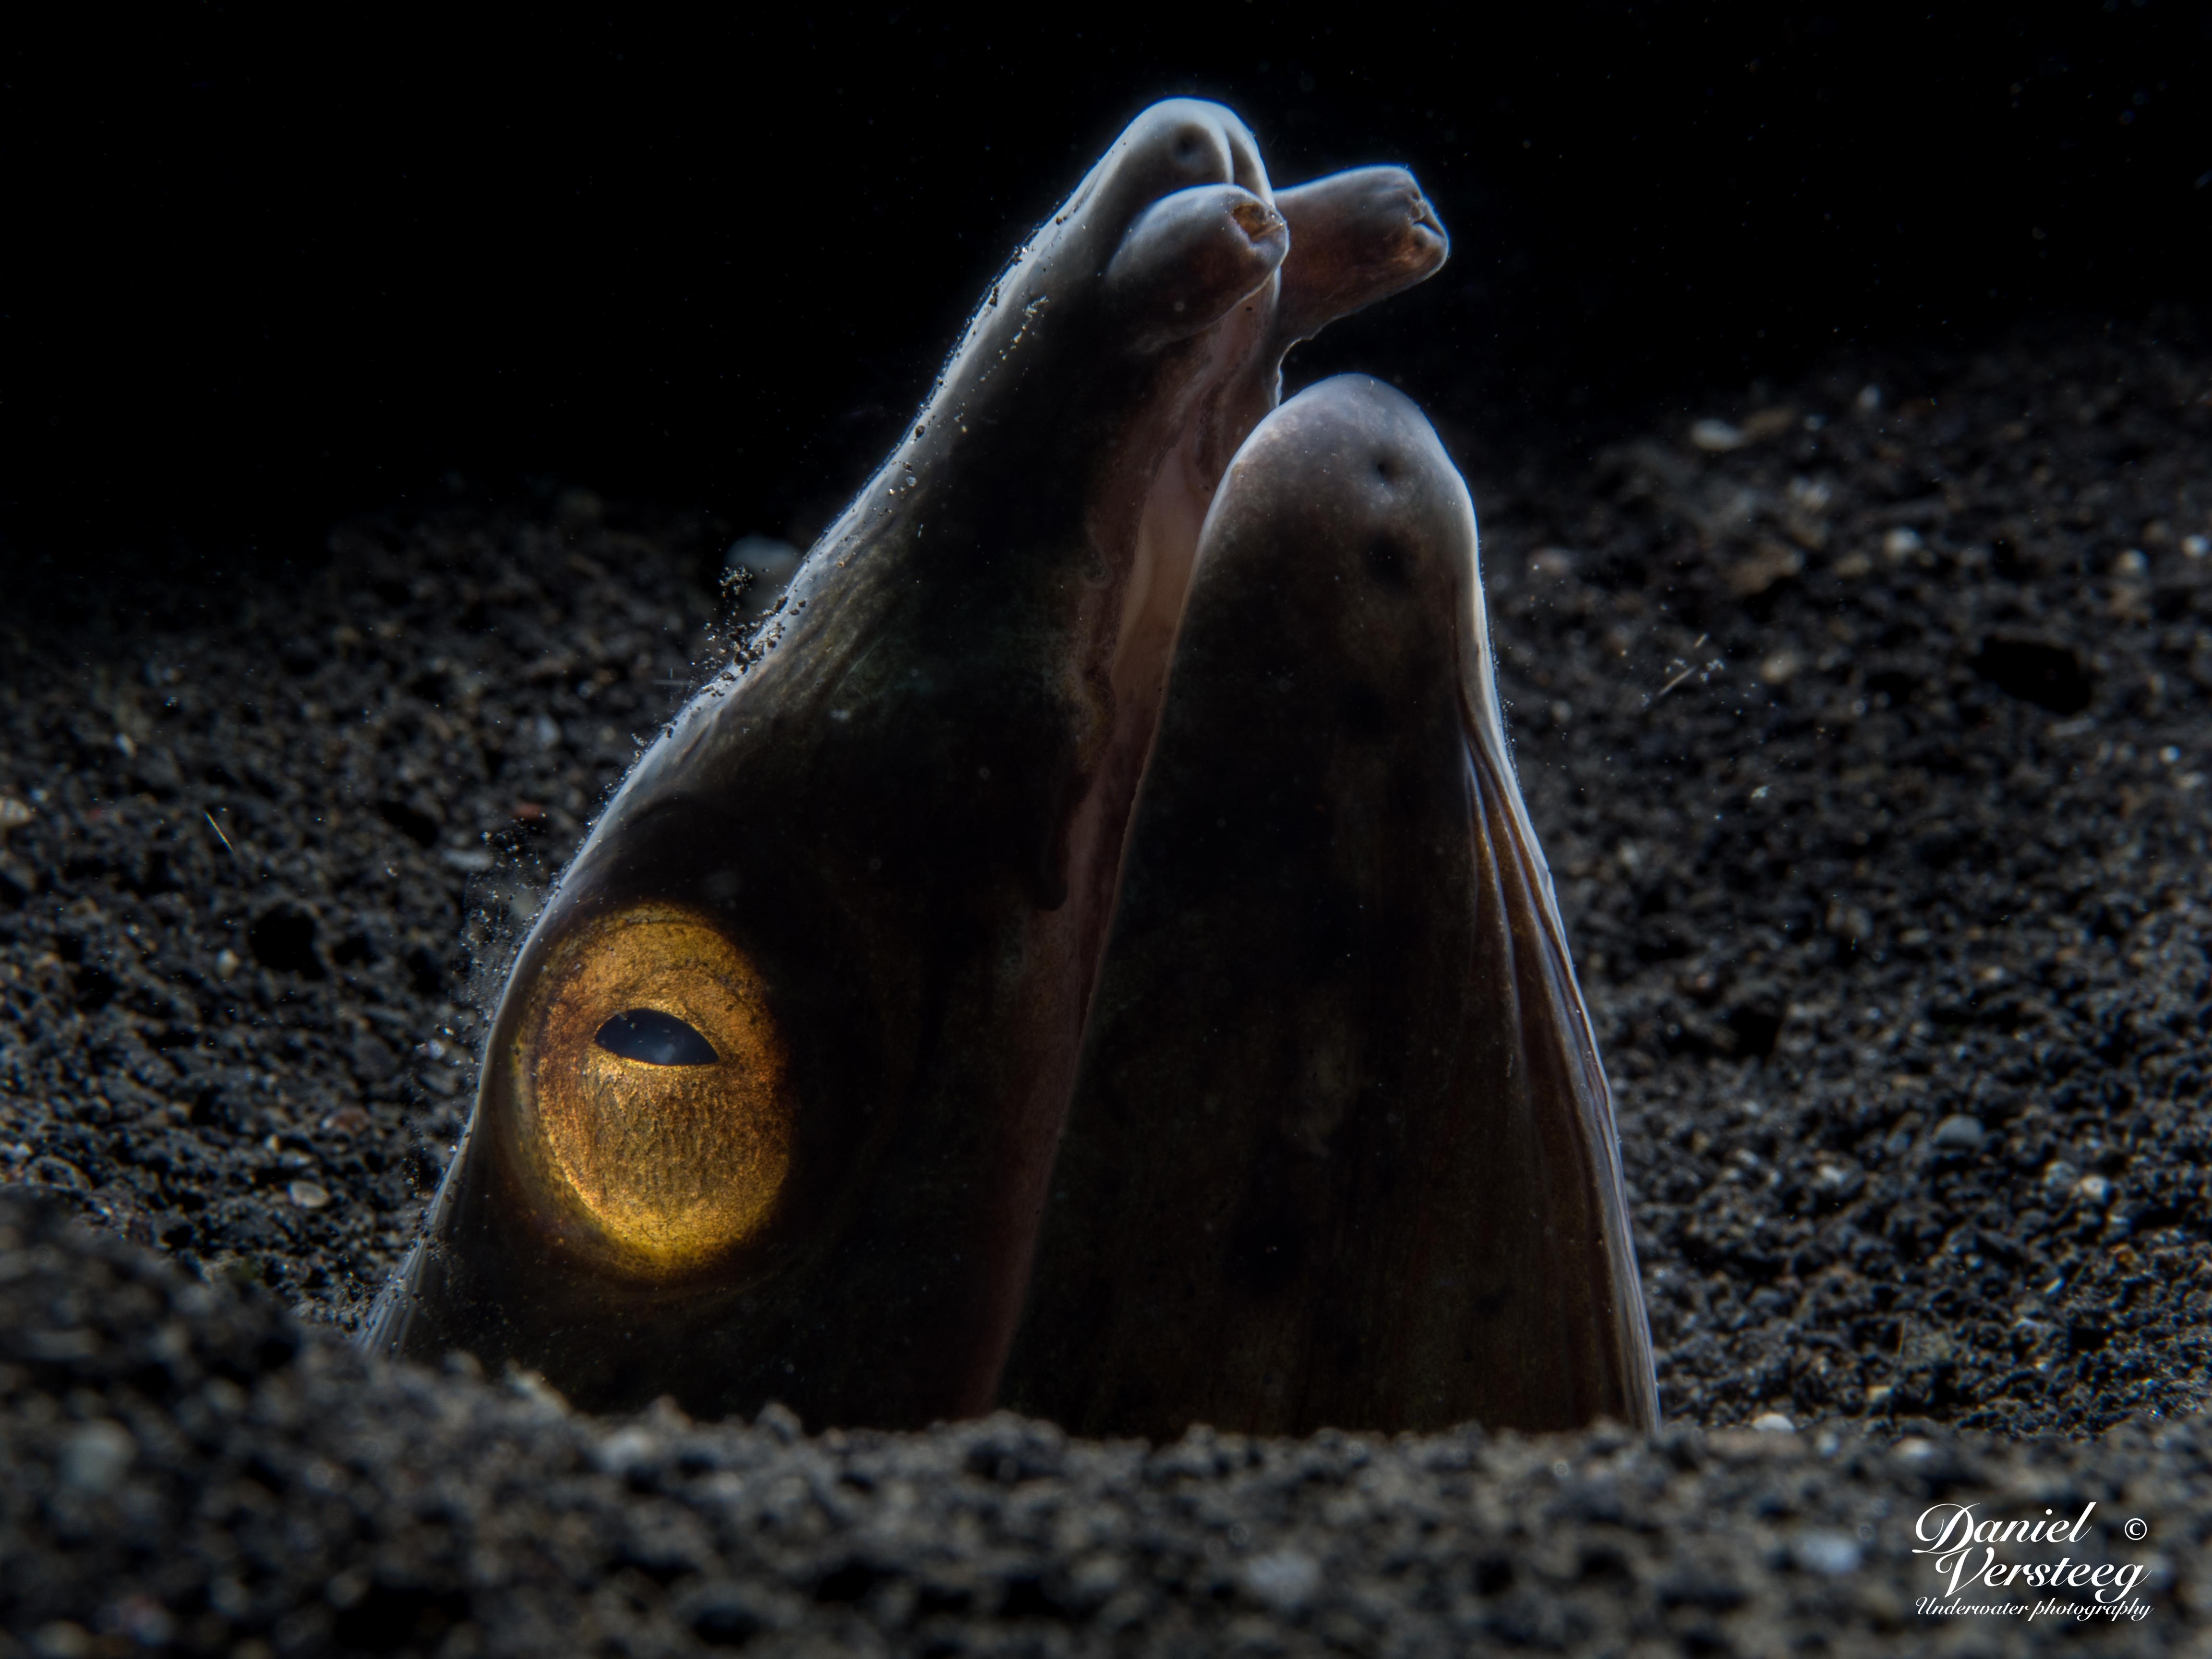 Daniel_Versteeg_foto-7-snake-eel-eindresultaat